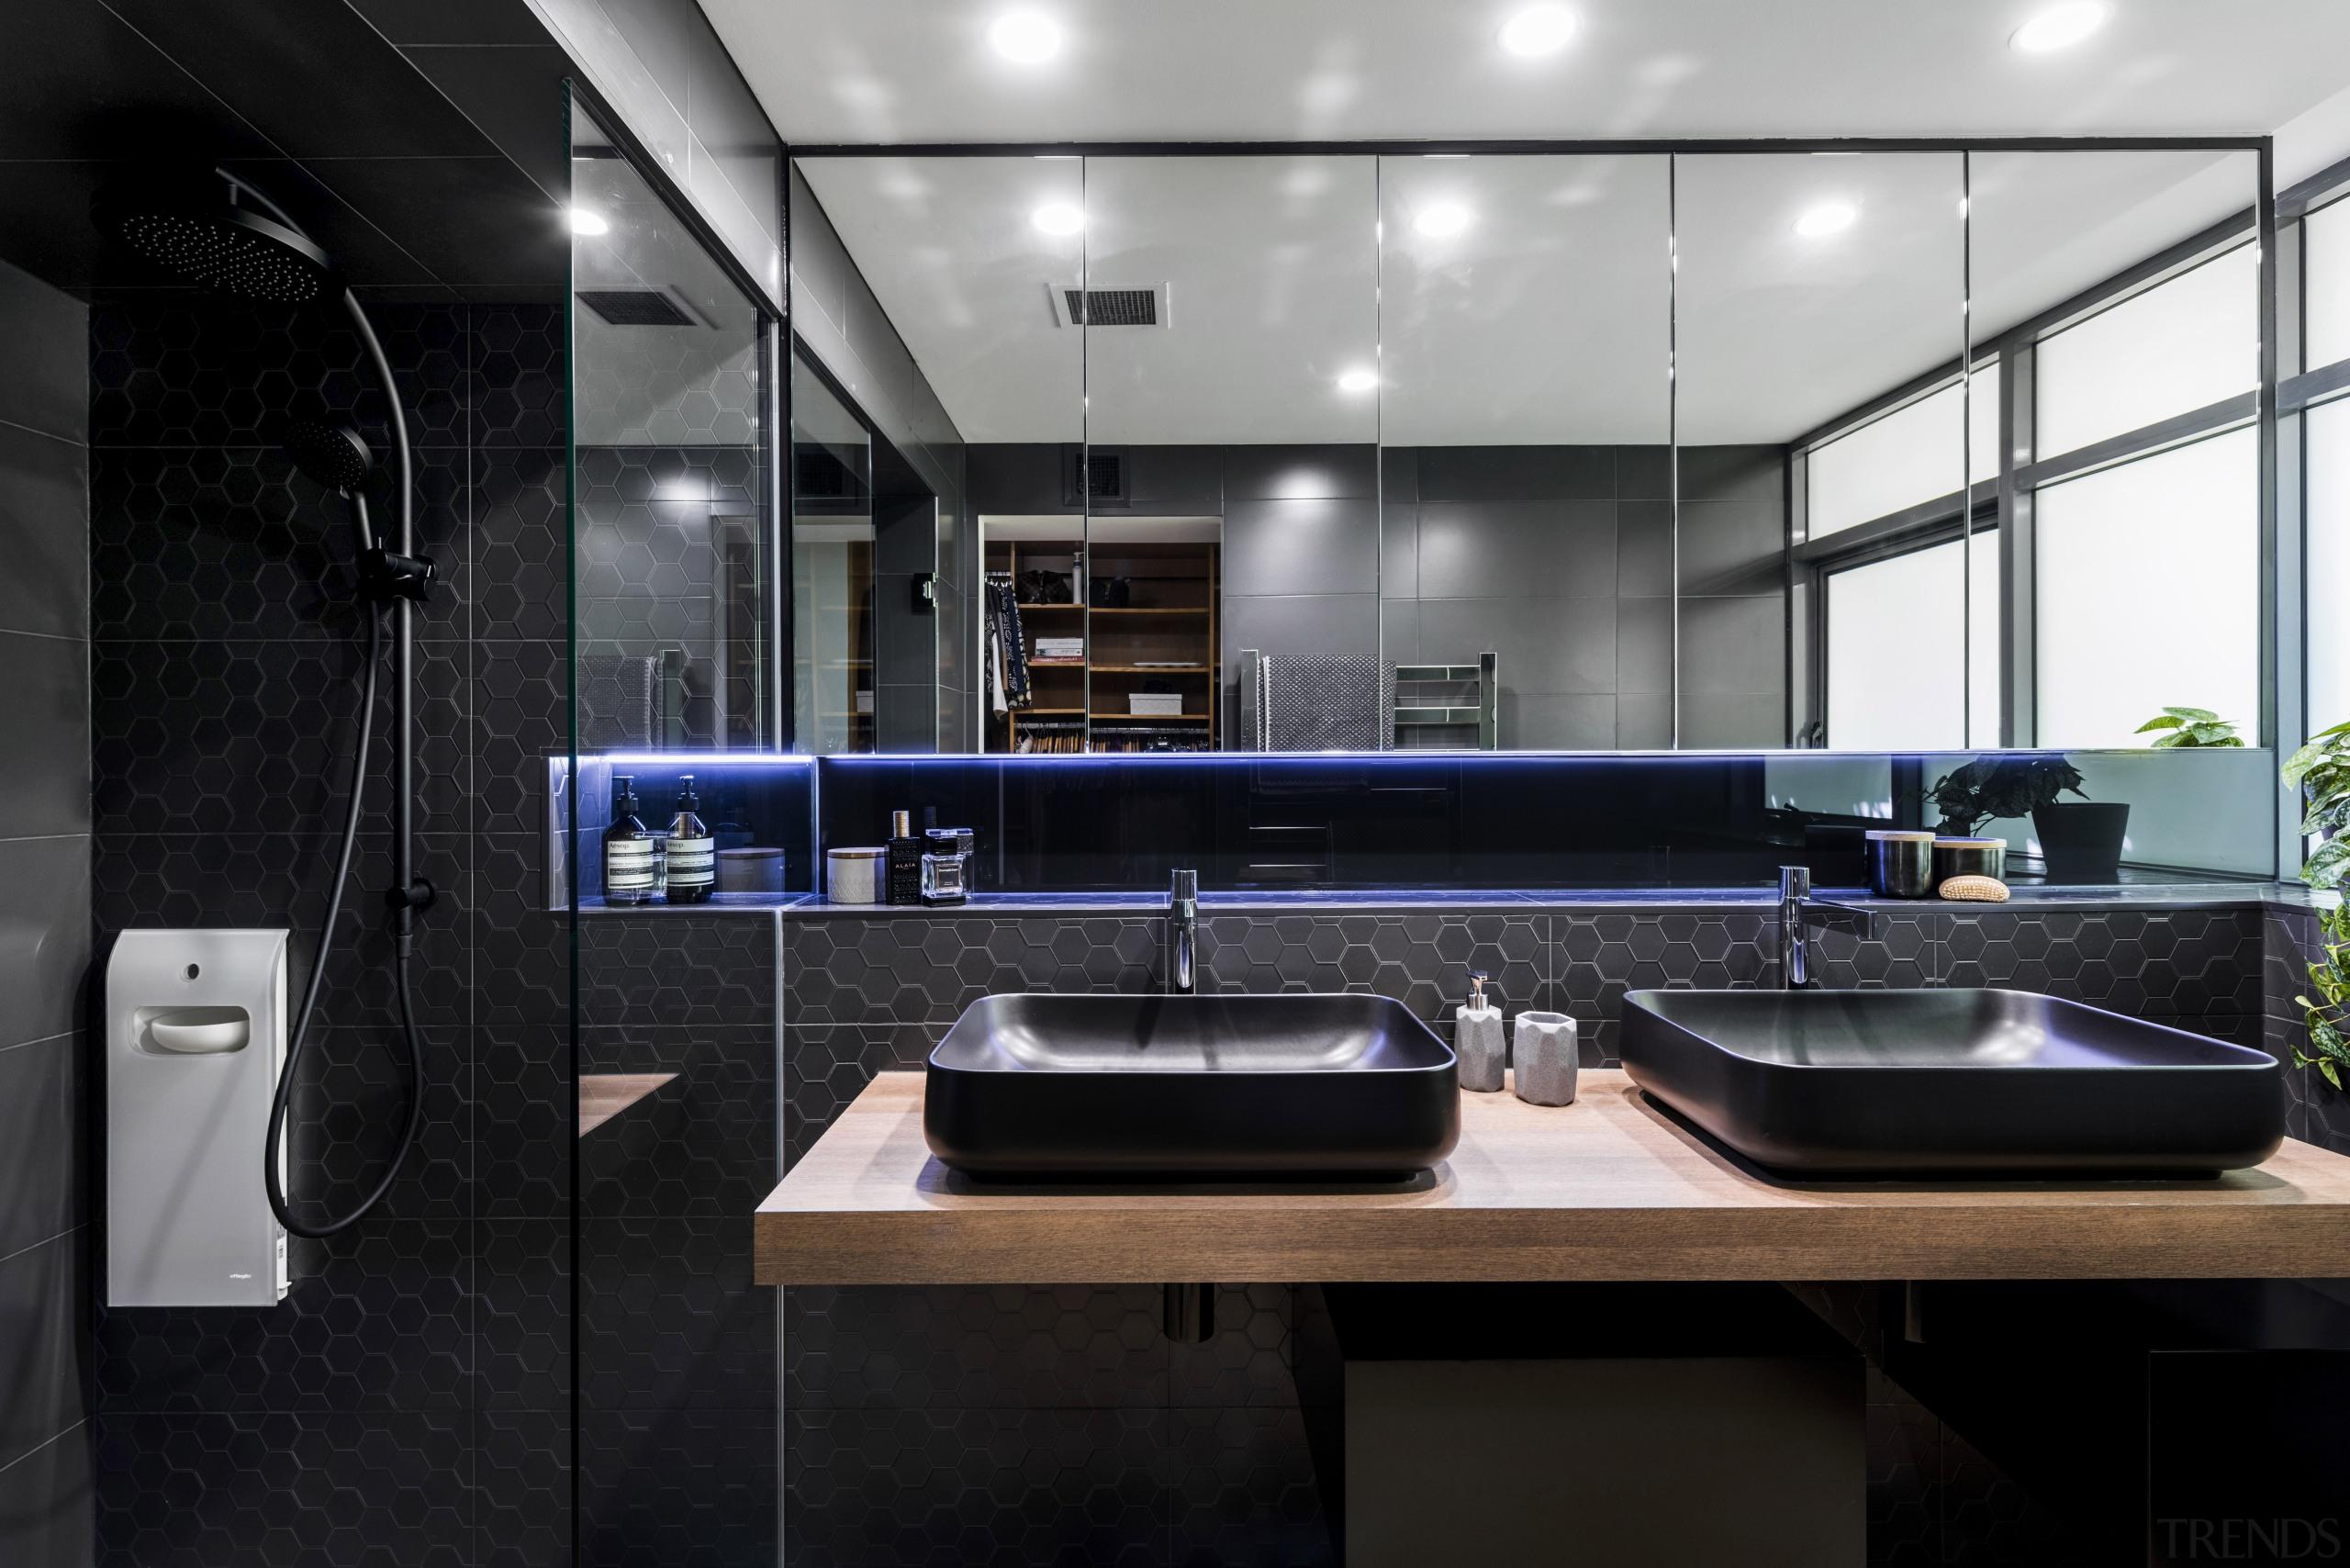 The steam unit in the corner provides a architecture, countertop, interior design, black